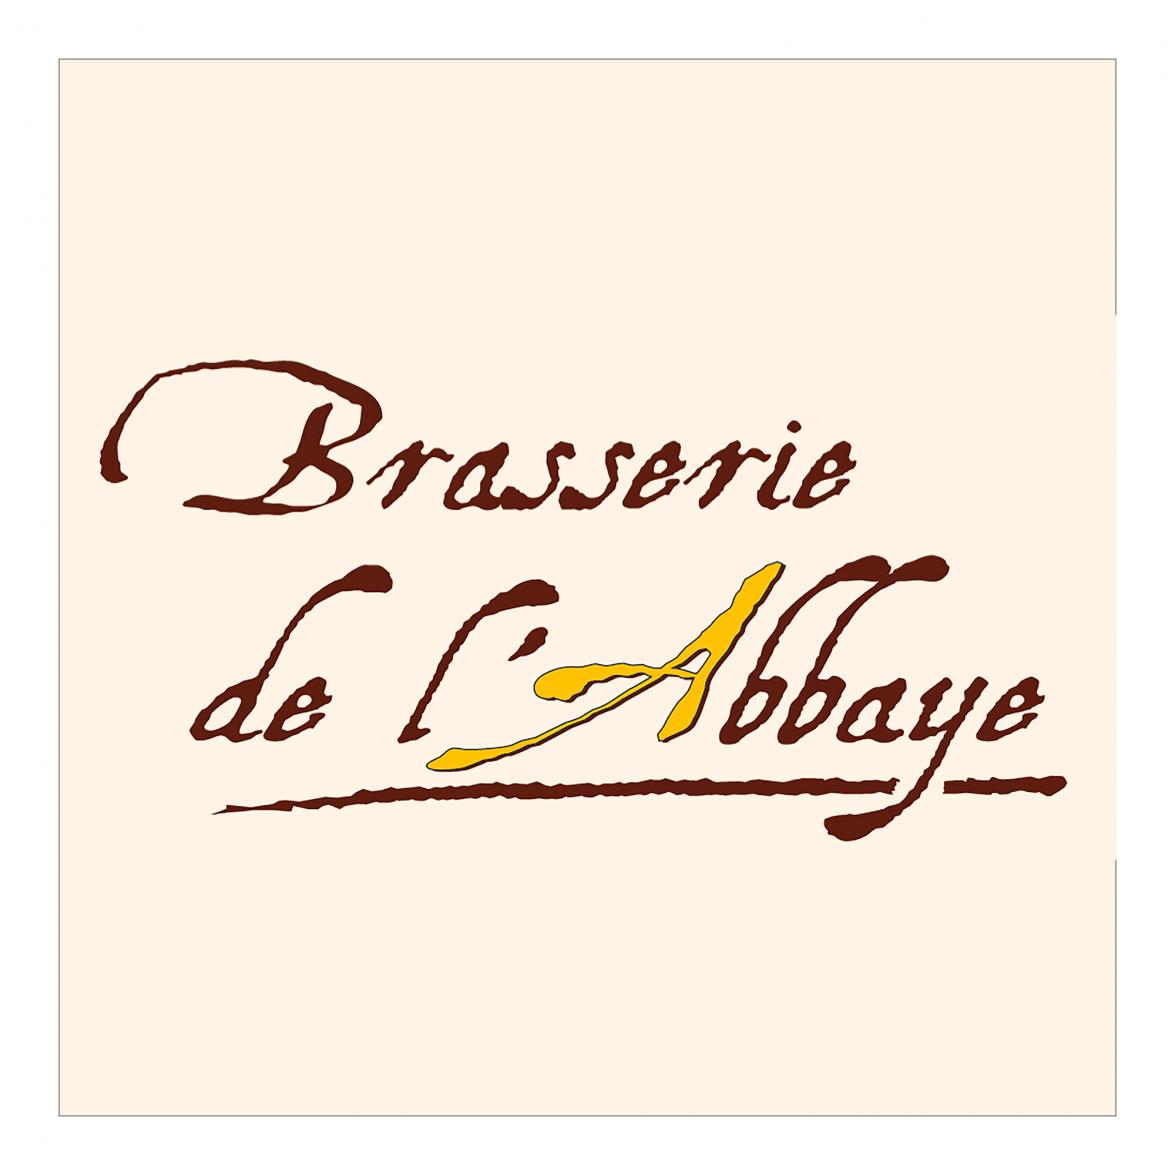 Angèle Von kiss - Mes clients - Brasserie de l'Abbaye